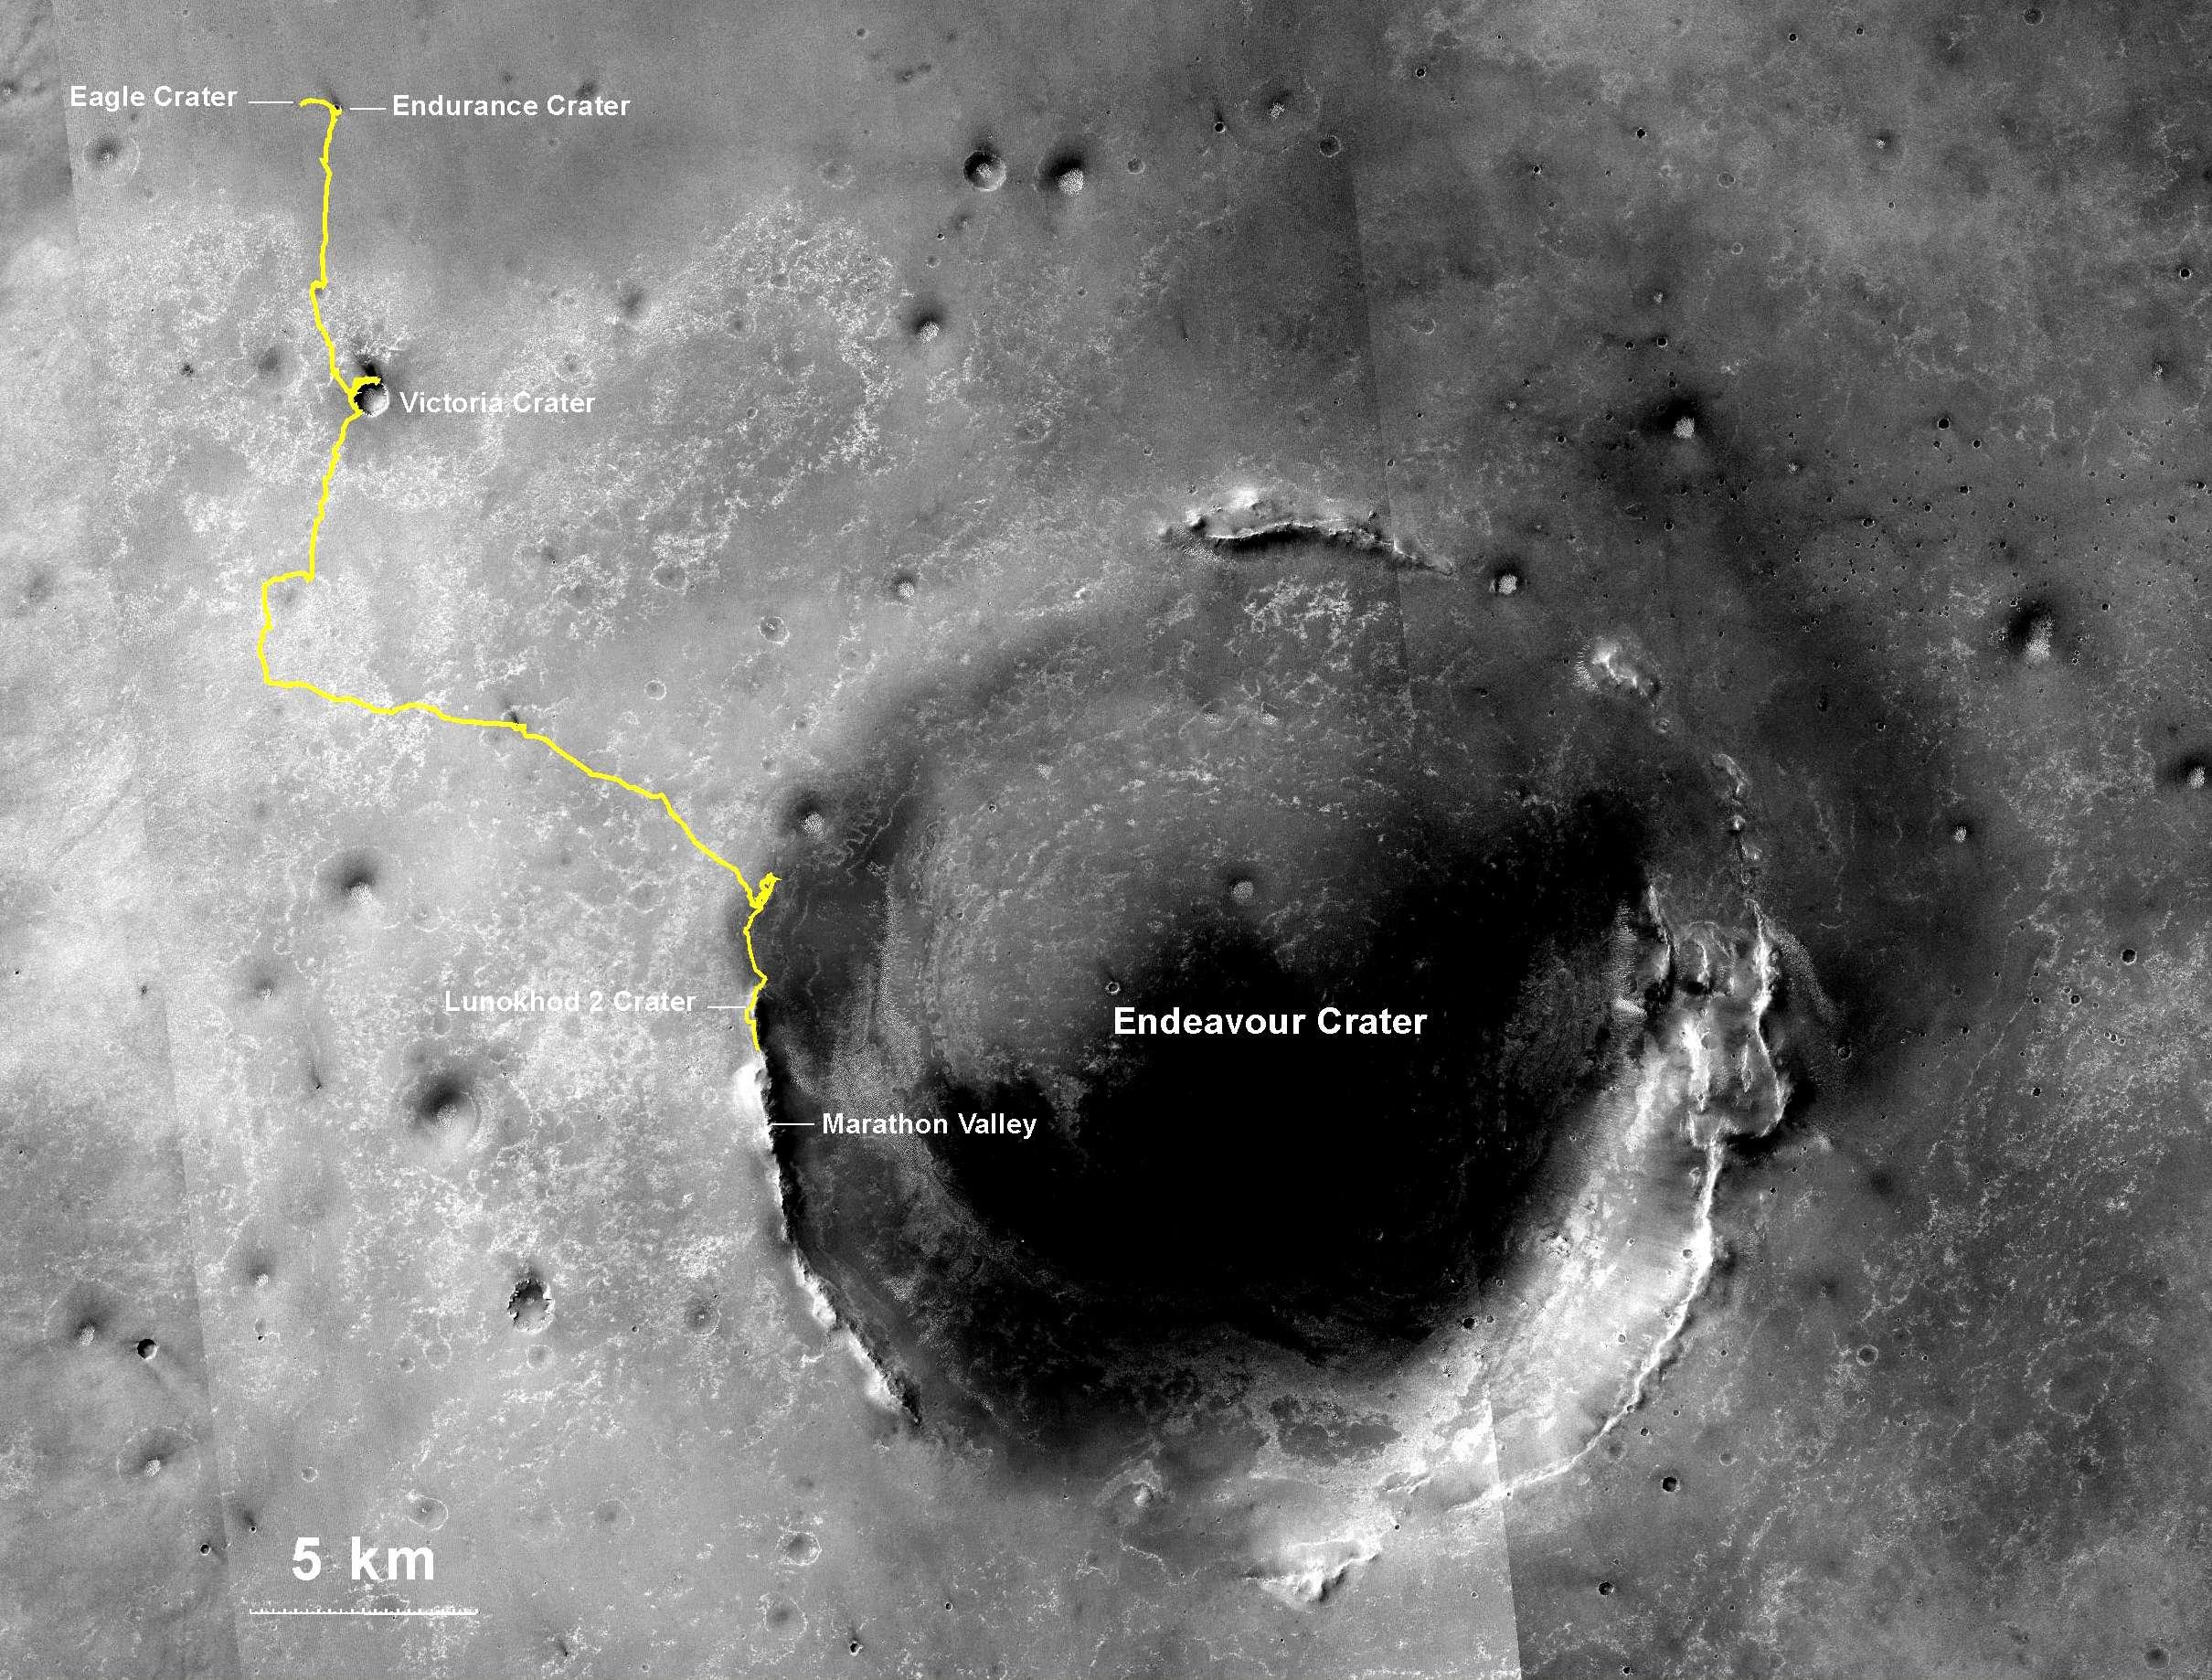 NASA/JPL-Caltech/MSSS/NMMNHS